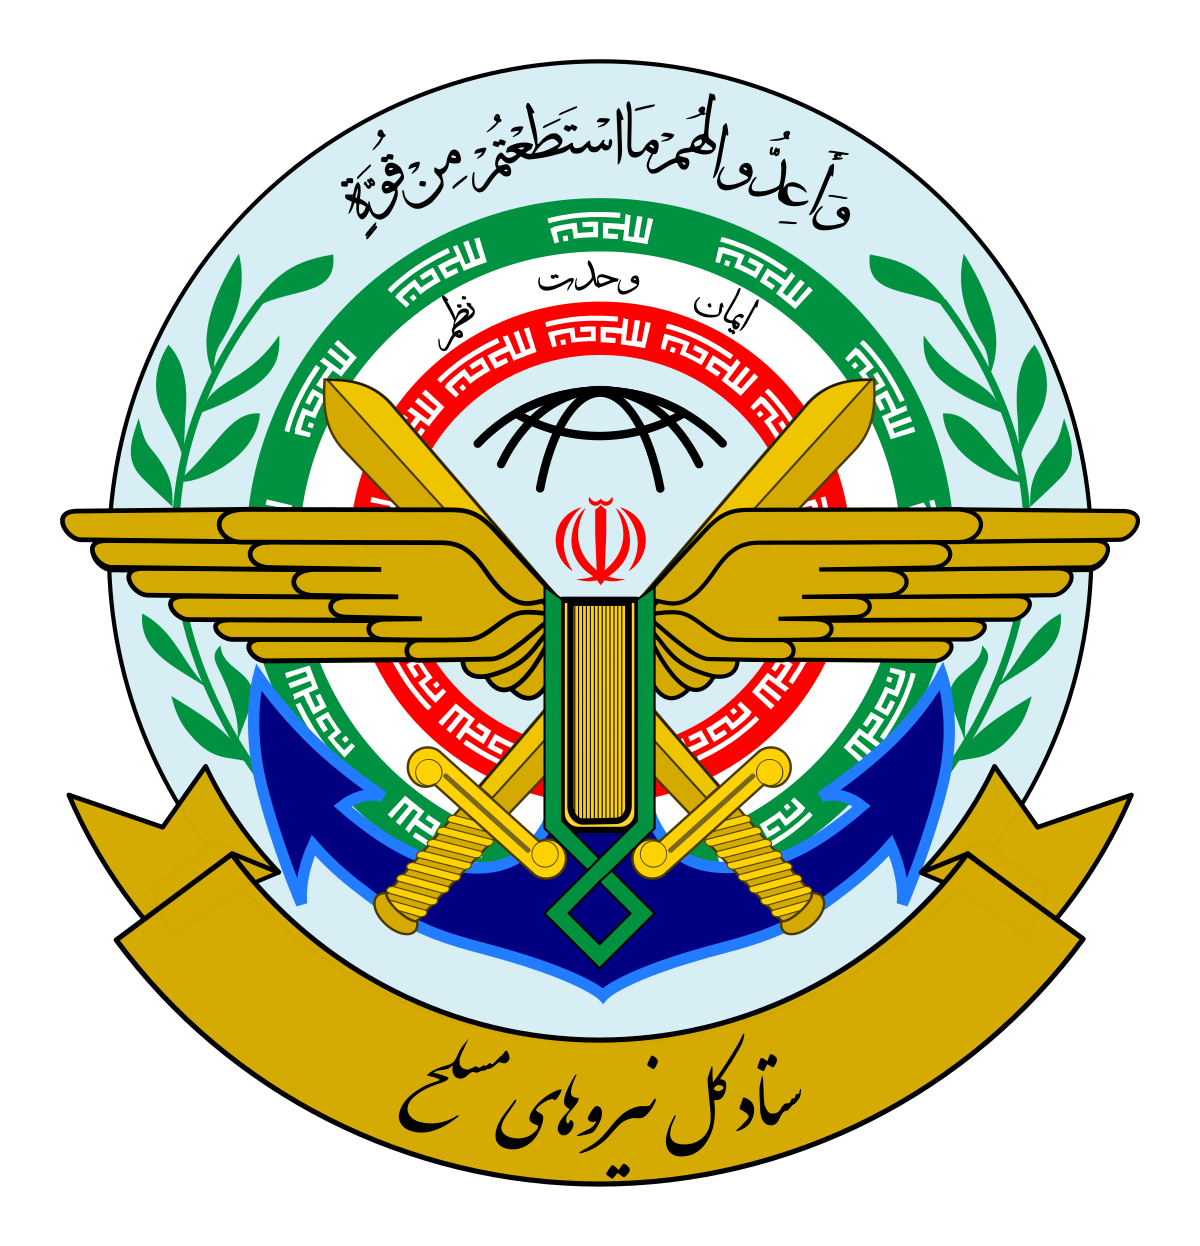 بیانیه ستادکل نیروهای مسلح: بازدارندگی دفاعی ایران دشمن را دچار وحشت راهبردی کرده است